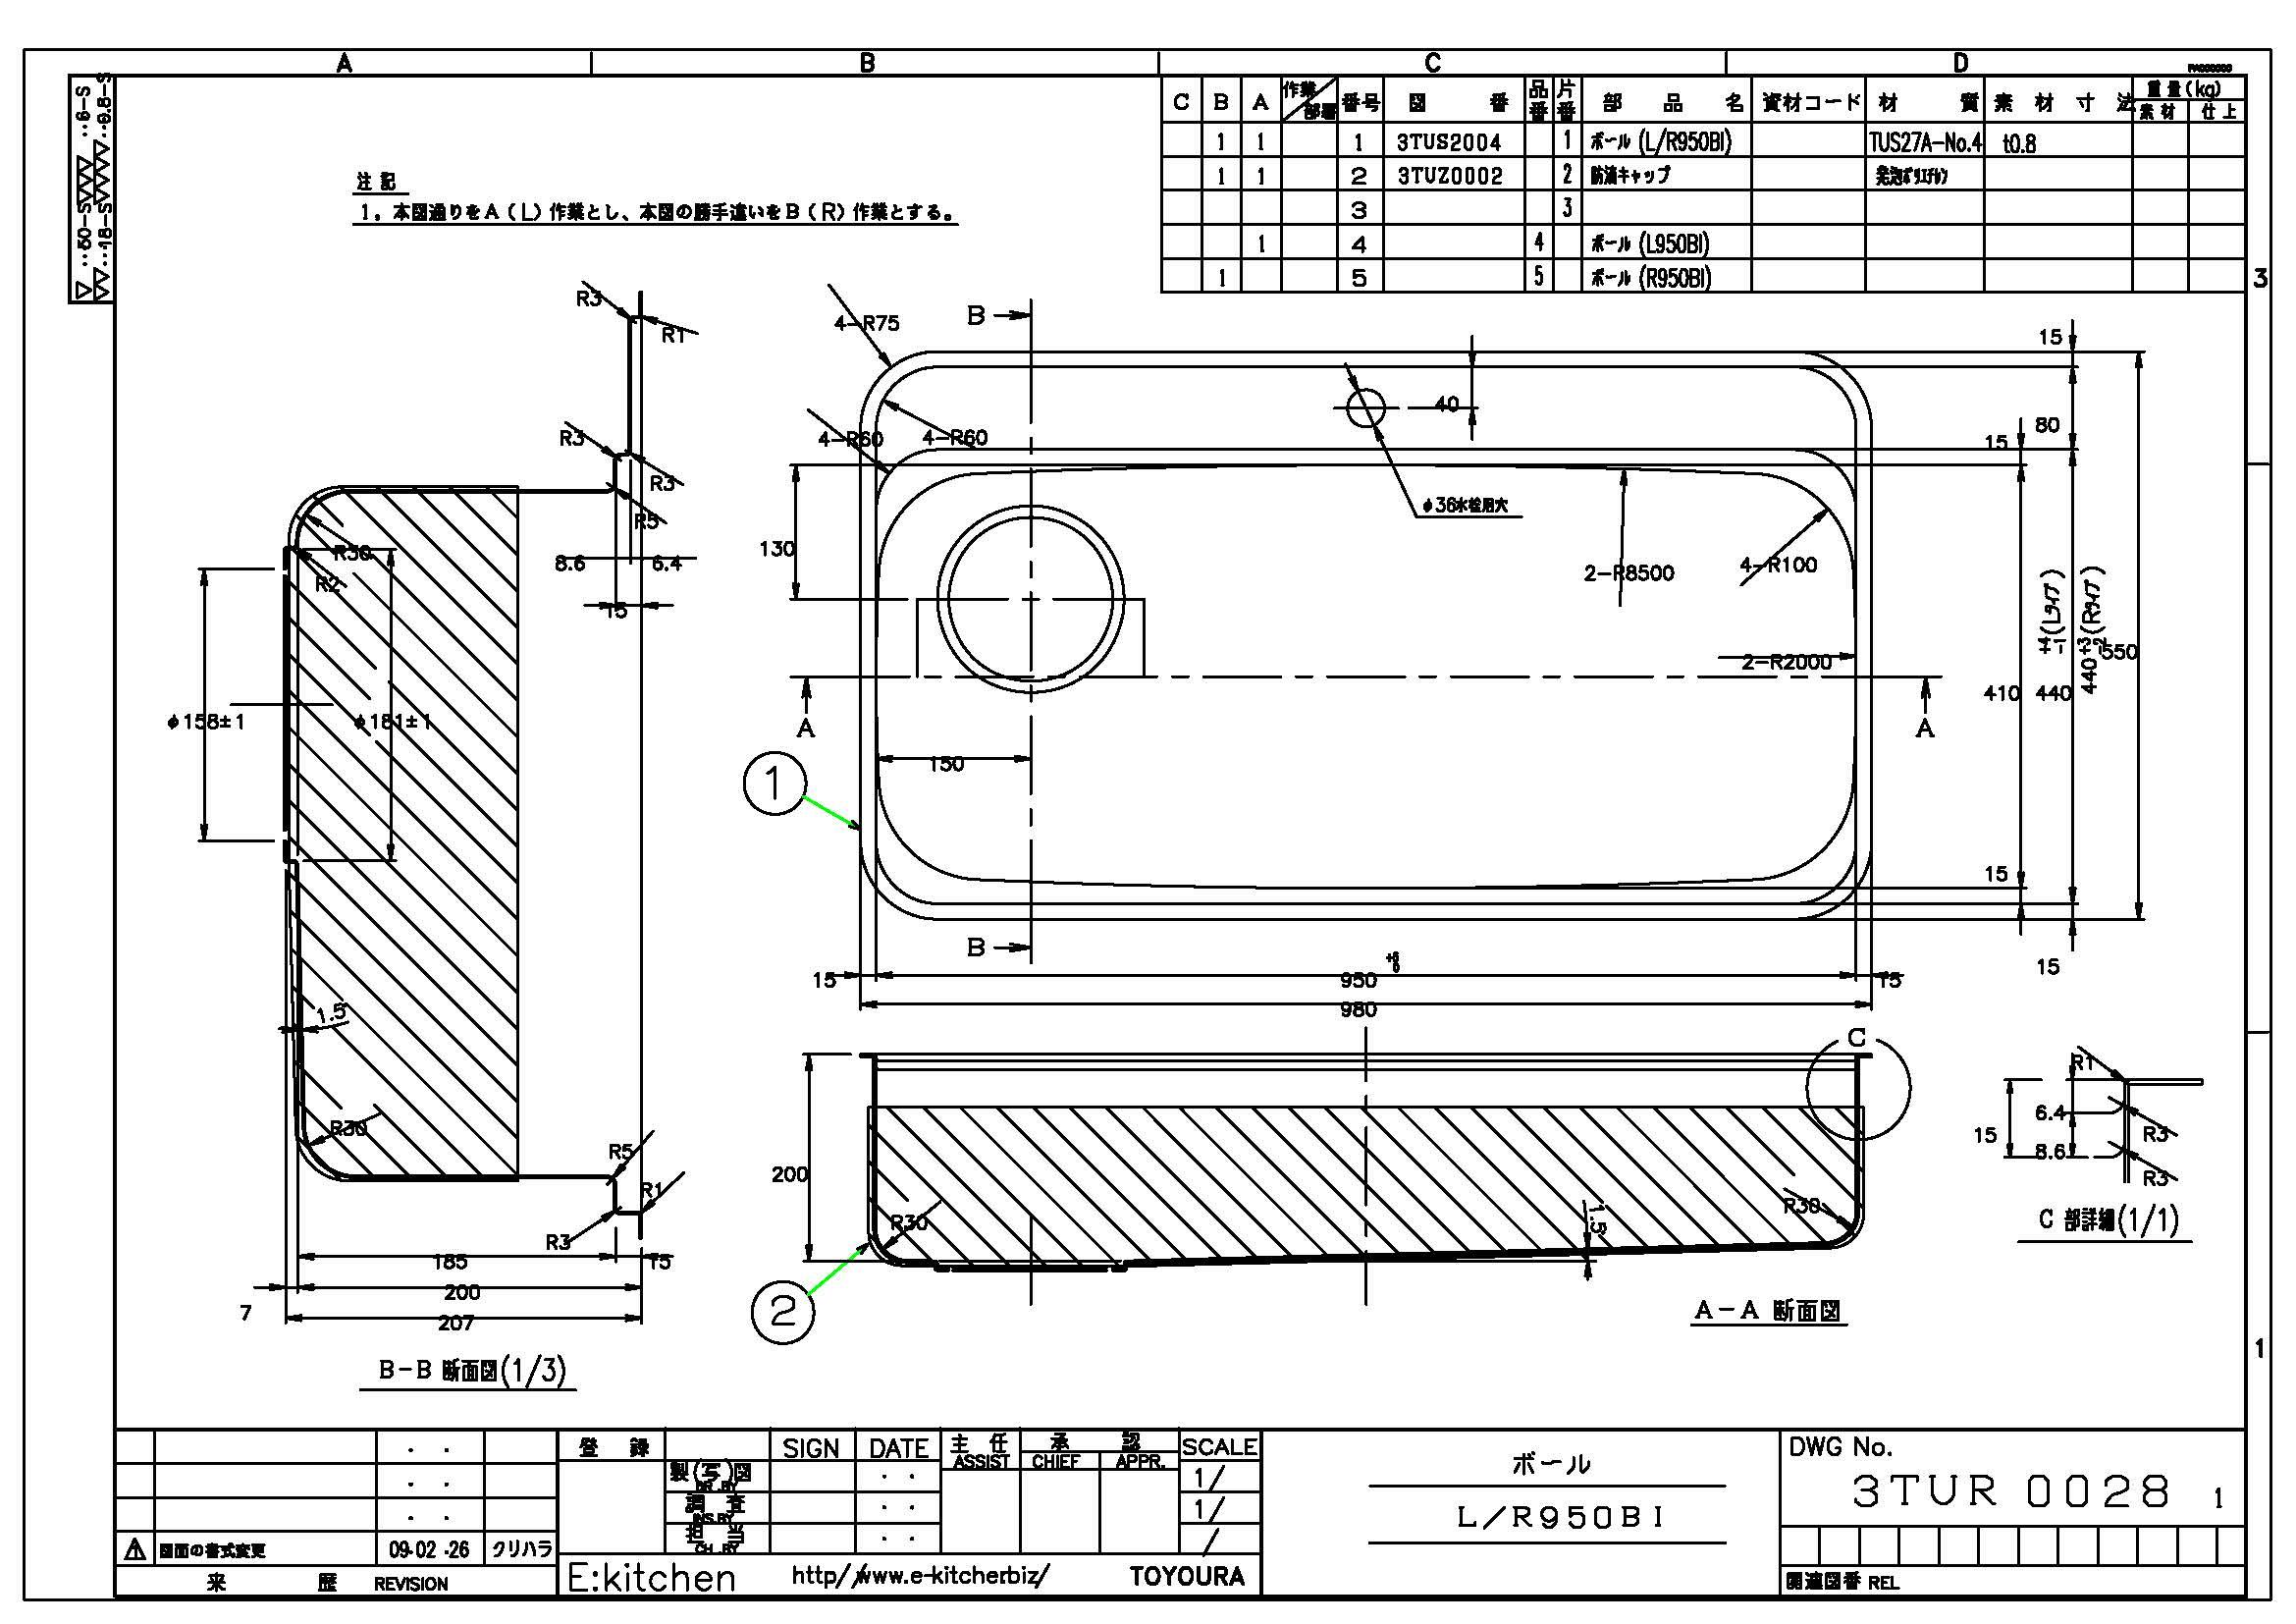 アンダーシンク L950BI(PRS800-520POL/R)